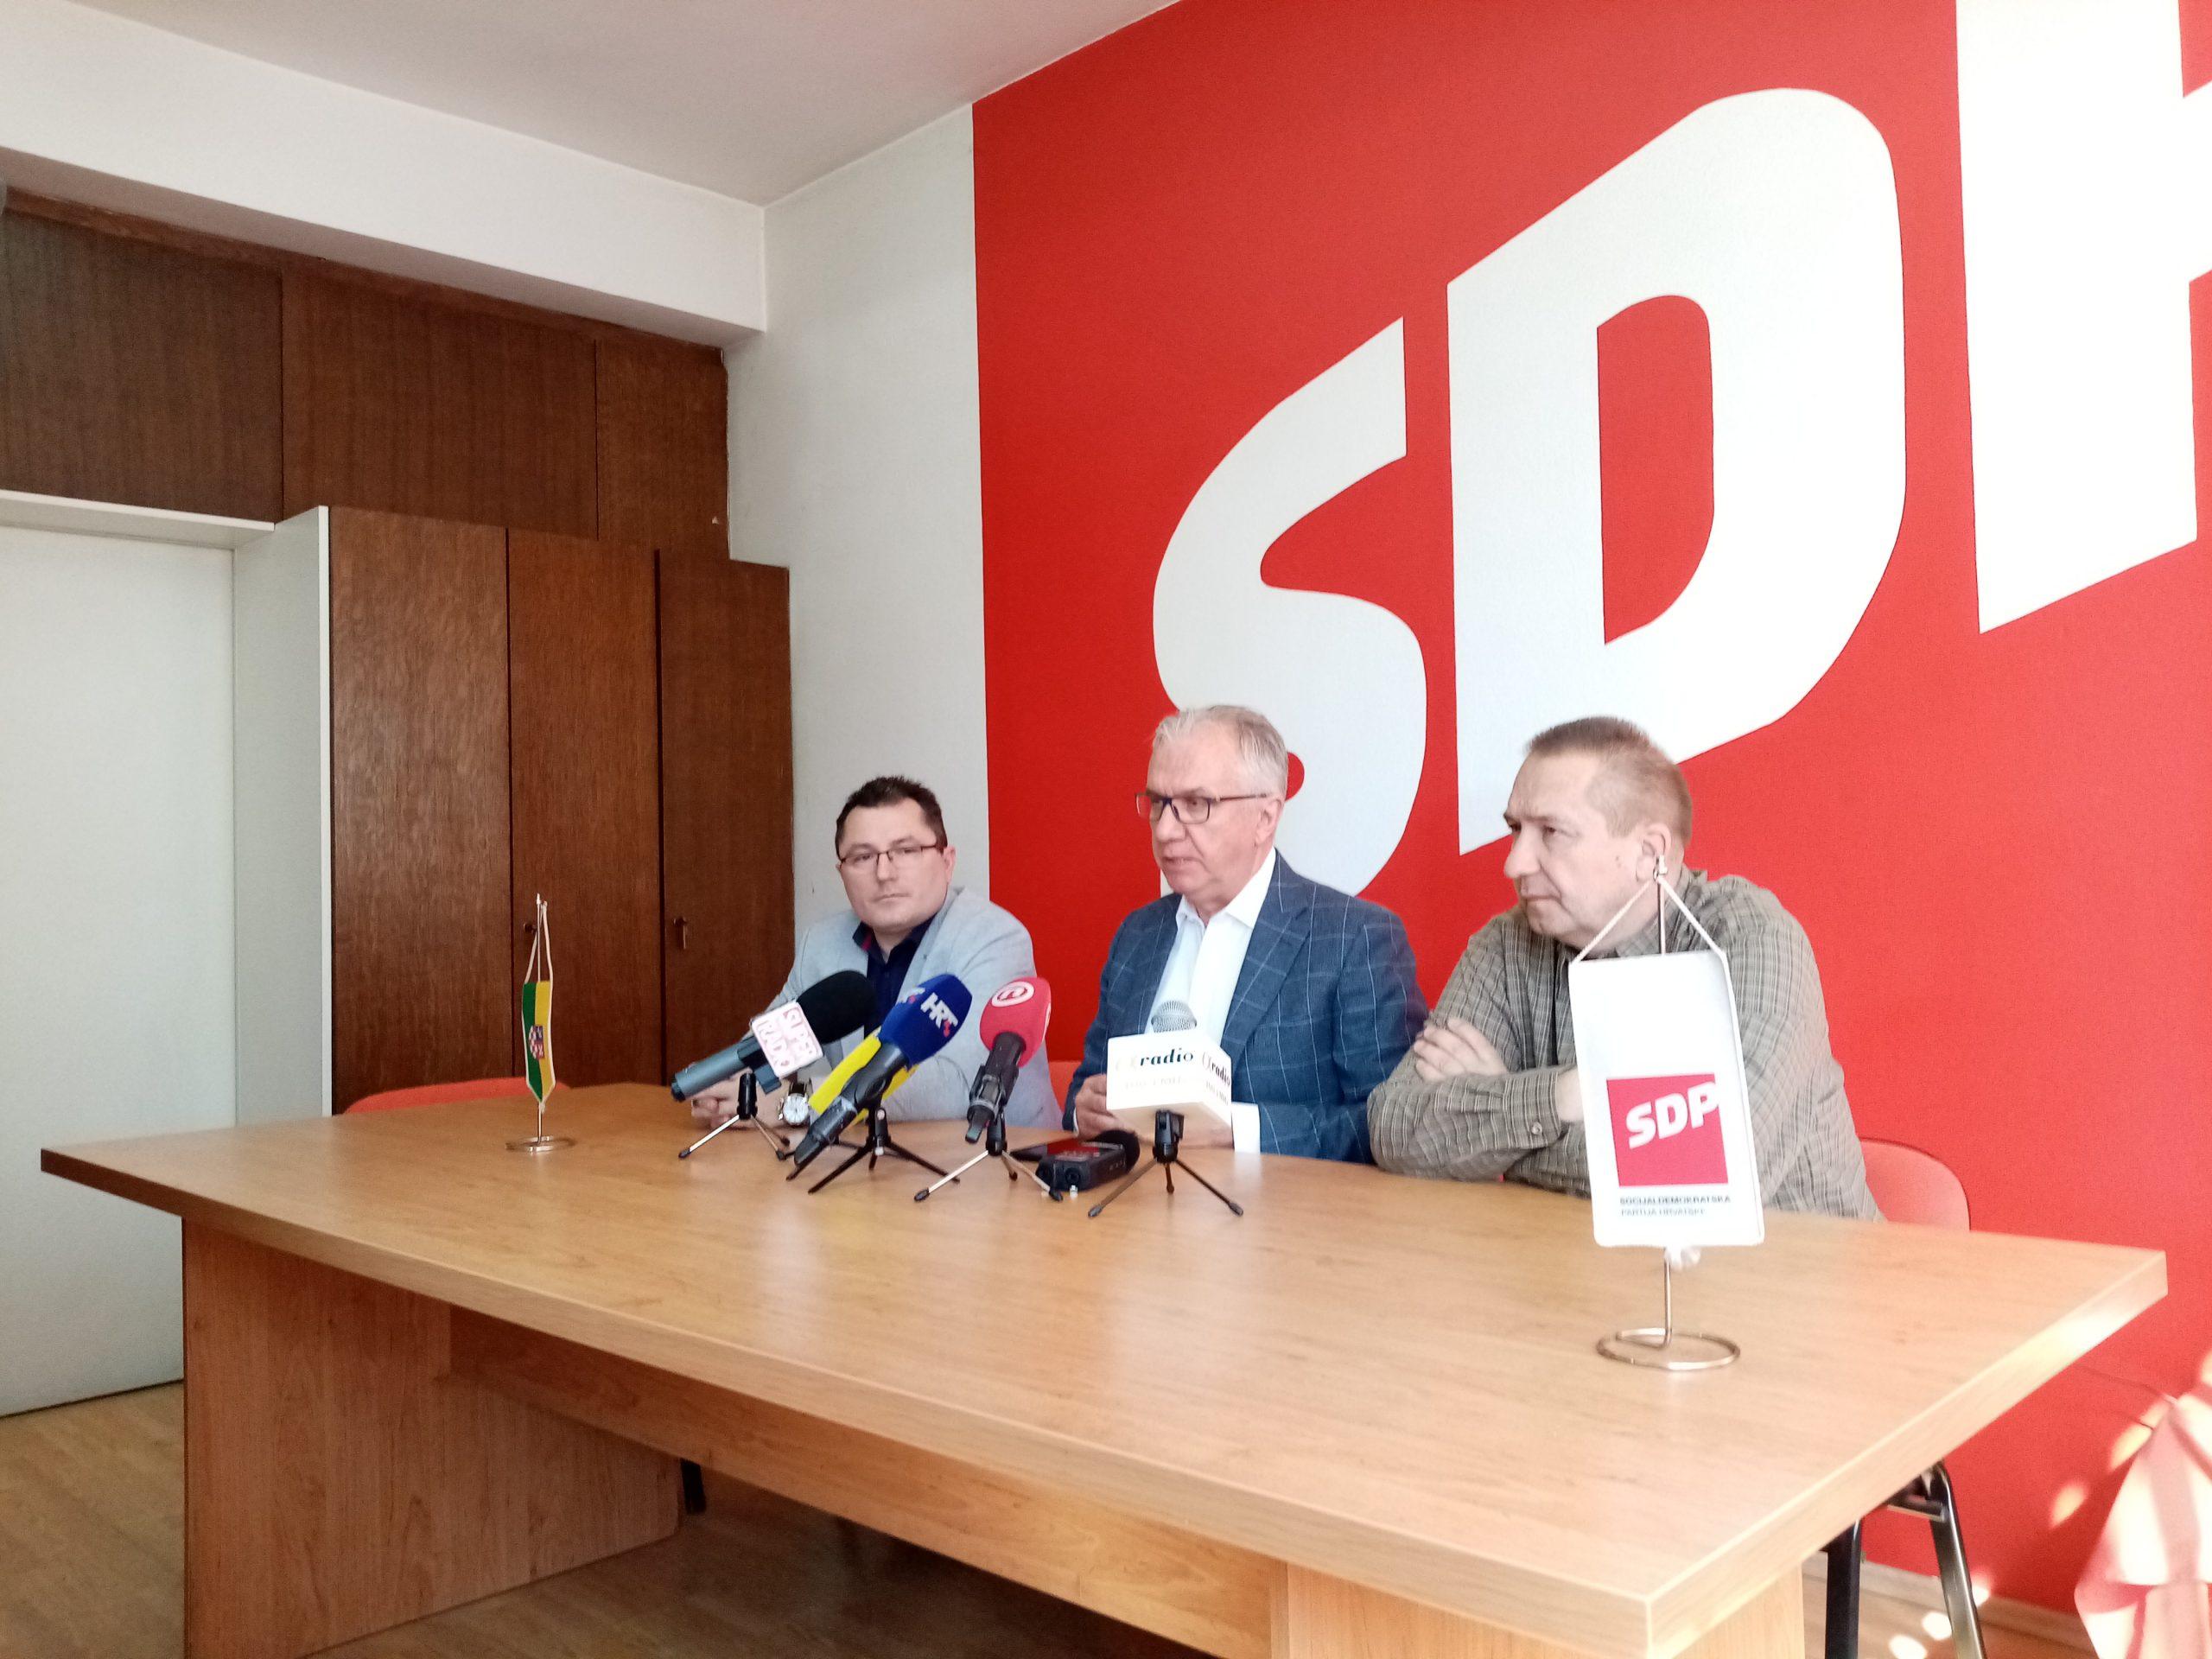 SDP O KORONI Ostojić od Vlade traži mjere za roditelje, Jaić optužio Hrebaka za širenje panike